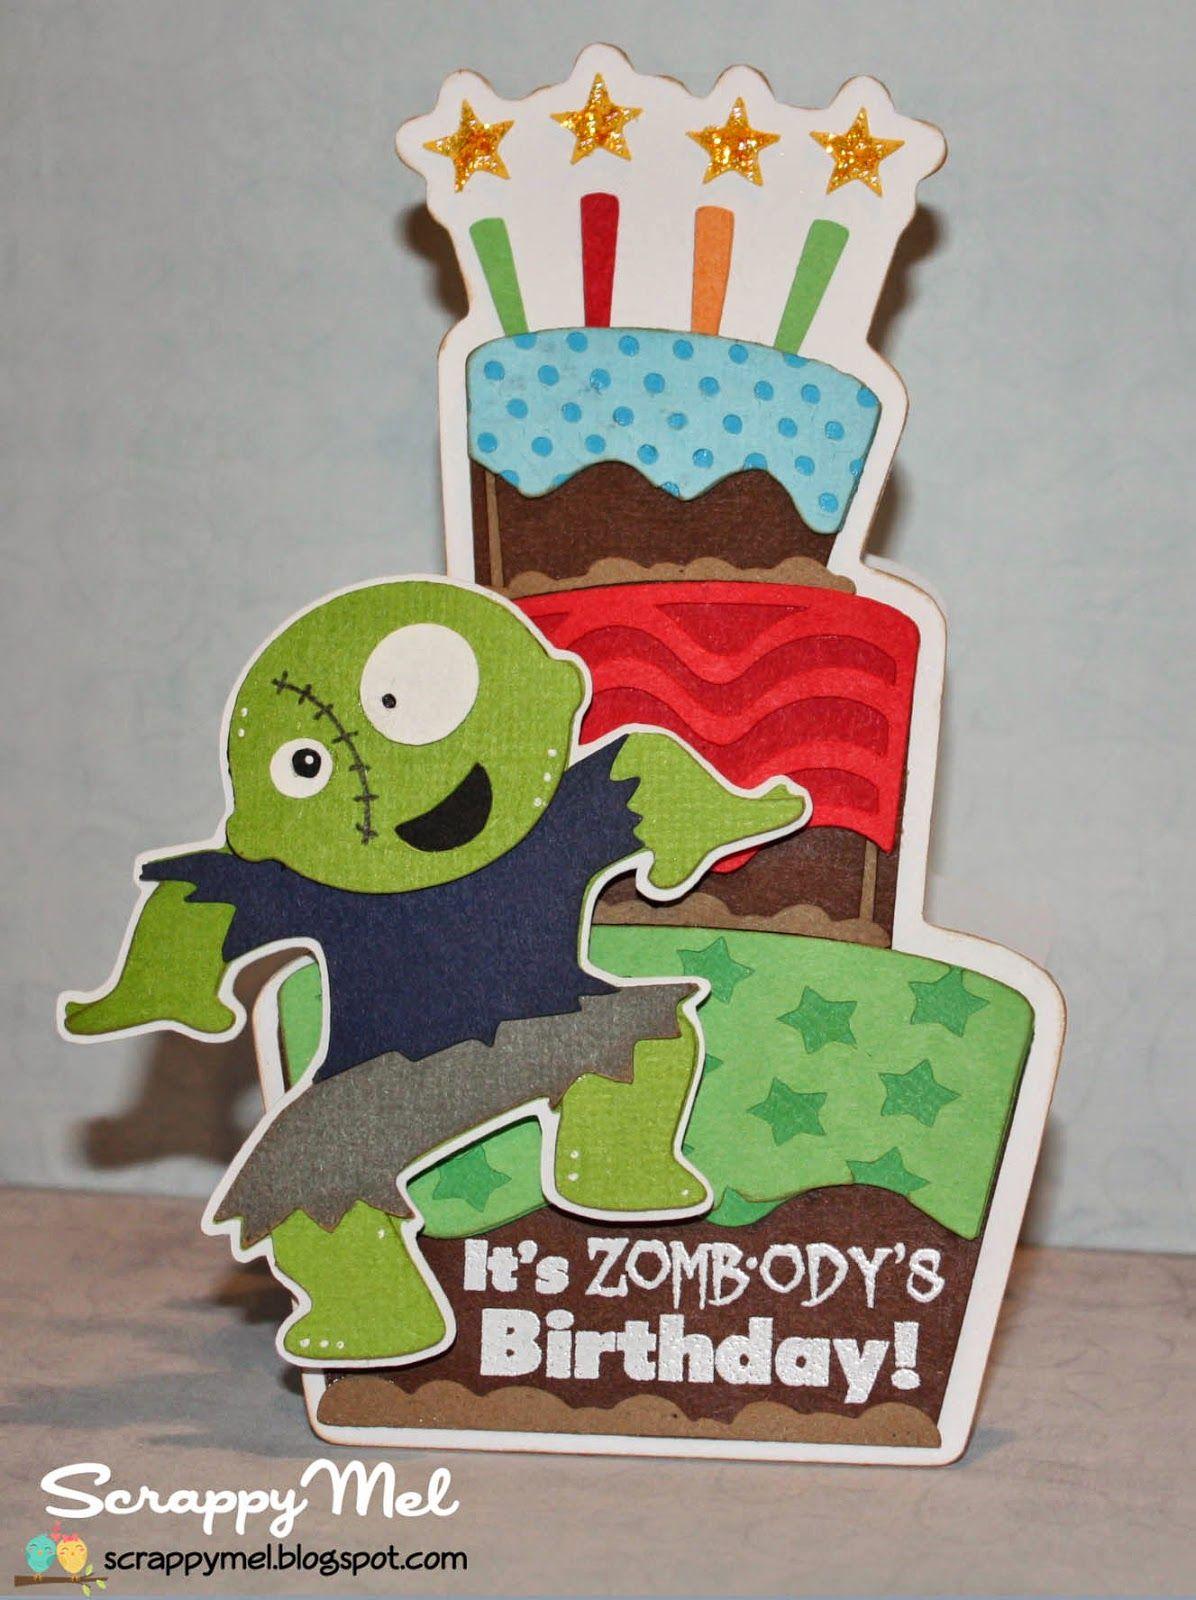 Scrappy Mel Zombie Birthday Card Zombie Birthday Parties Birthday Cards For Men Zombie Birthday